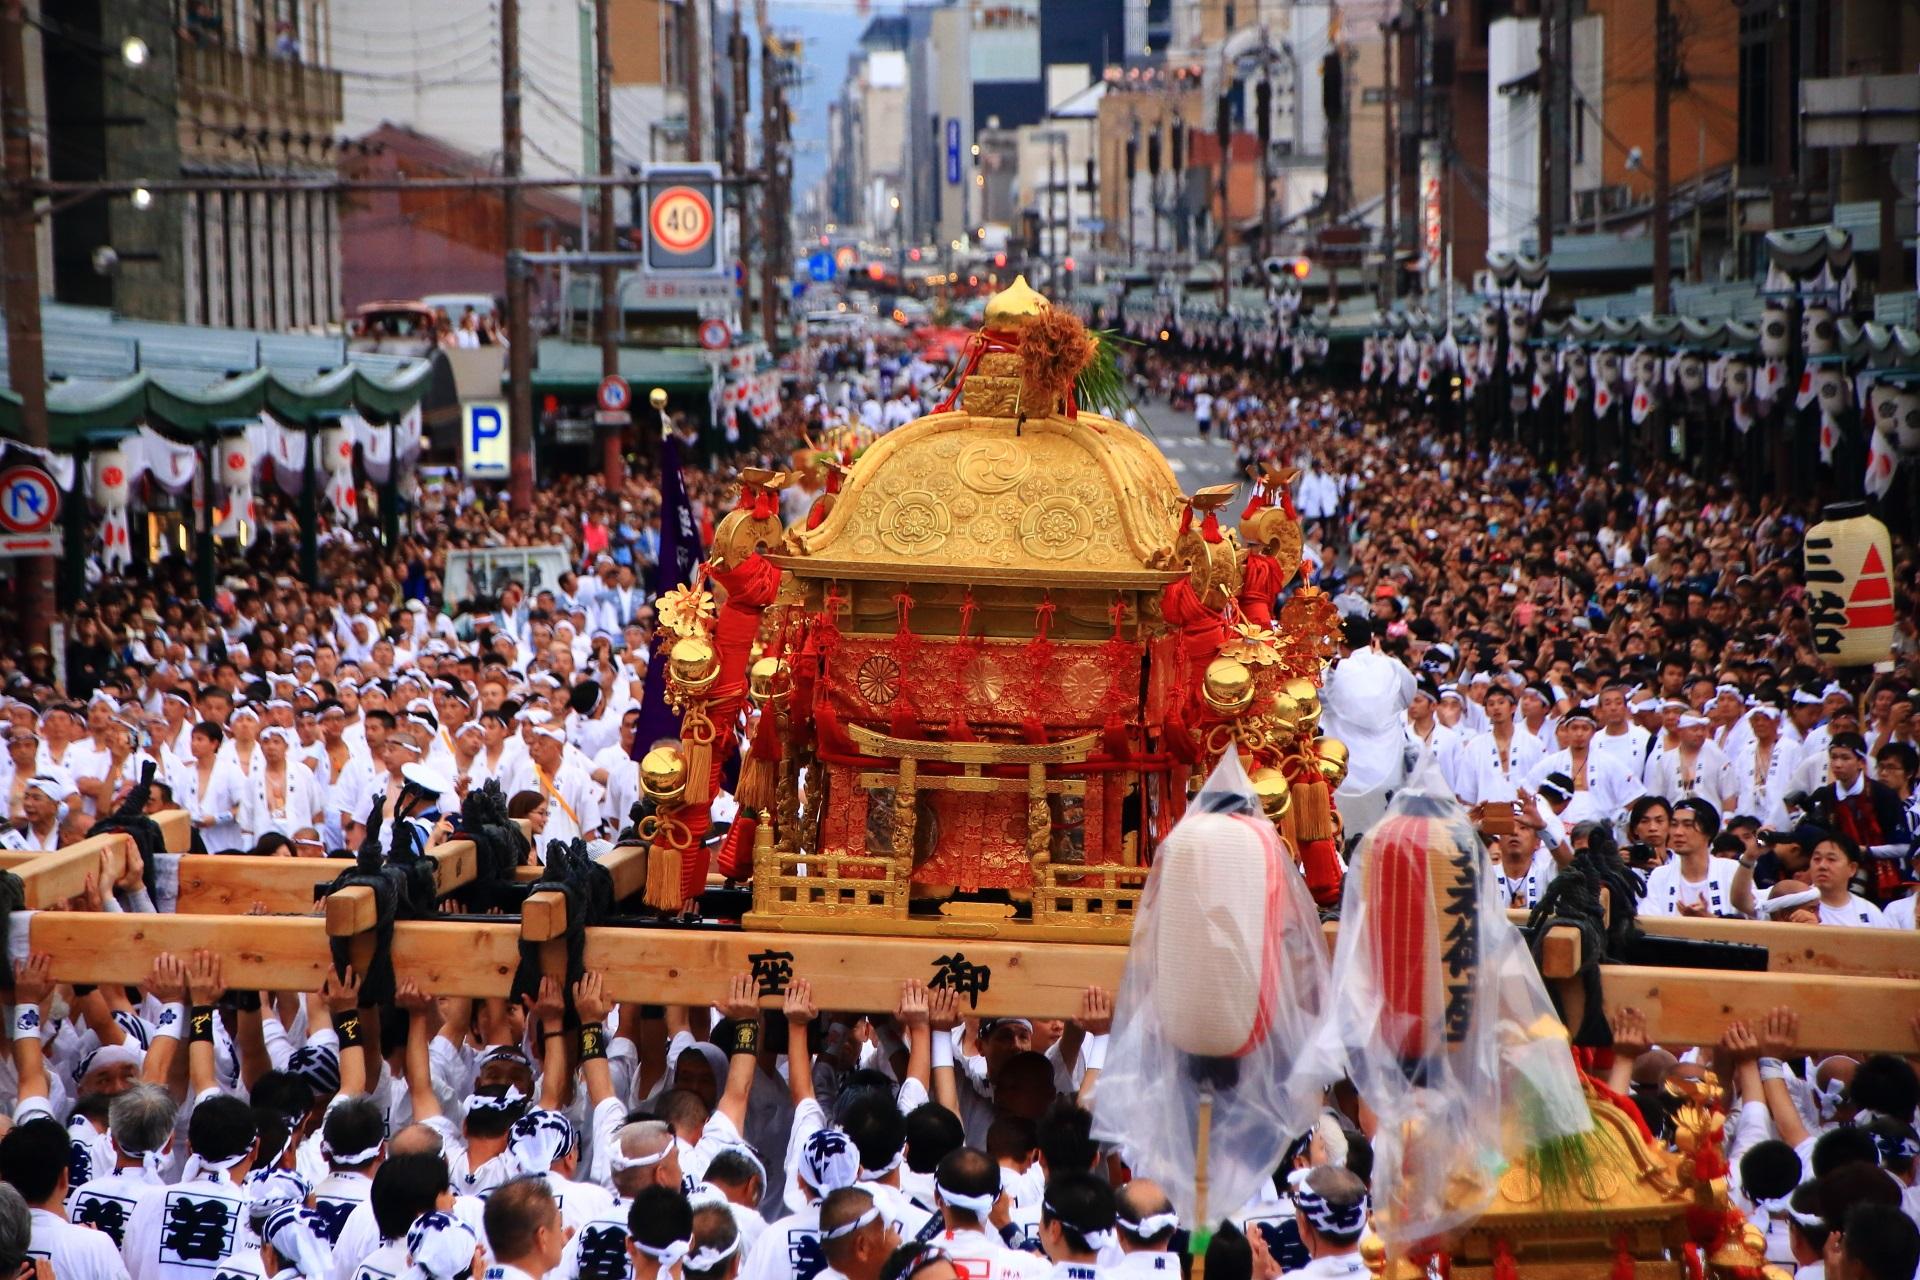 神幸祭で激しく担ぎ上げられる御神輿